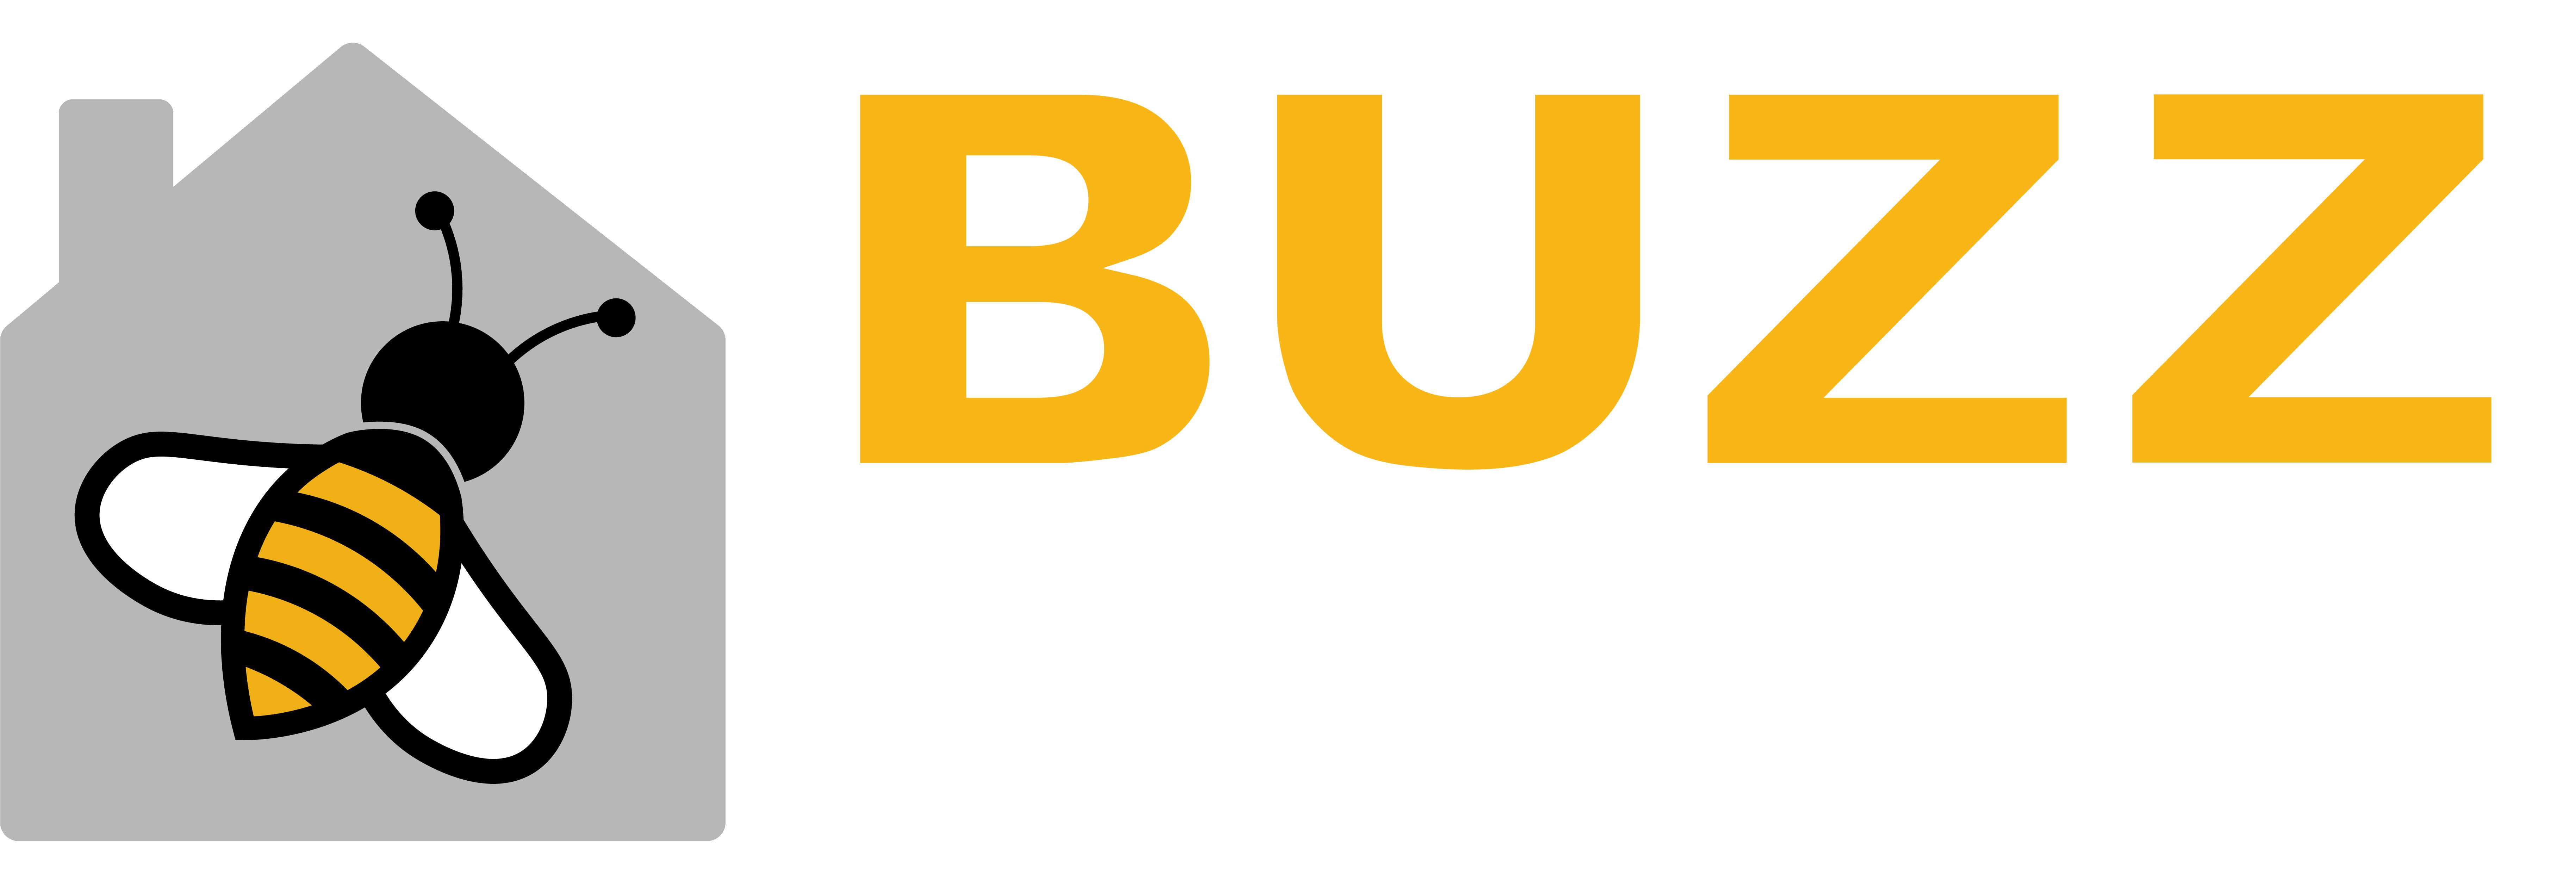 Buzz Siding Company logo